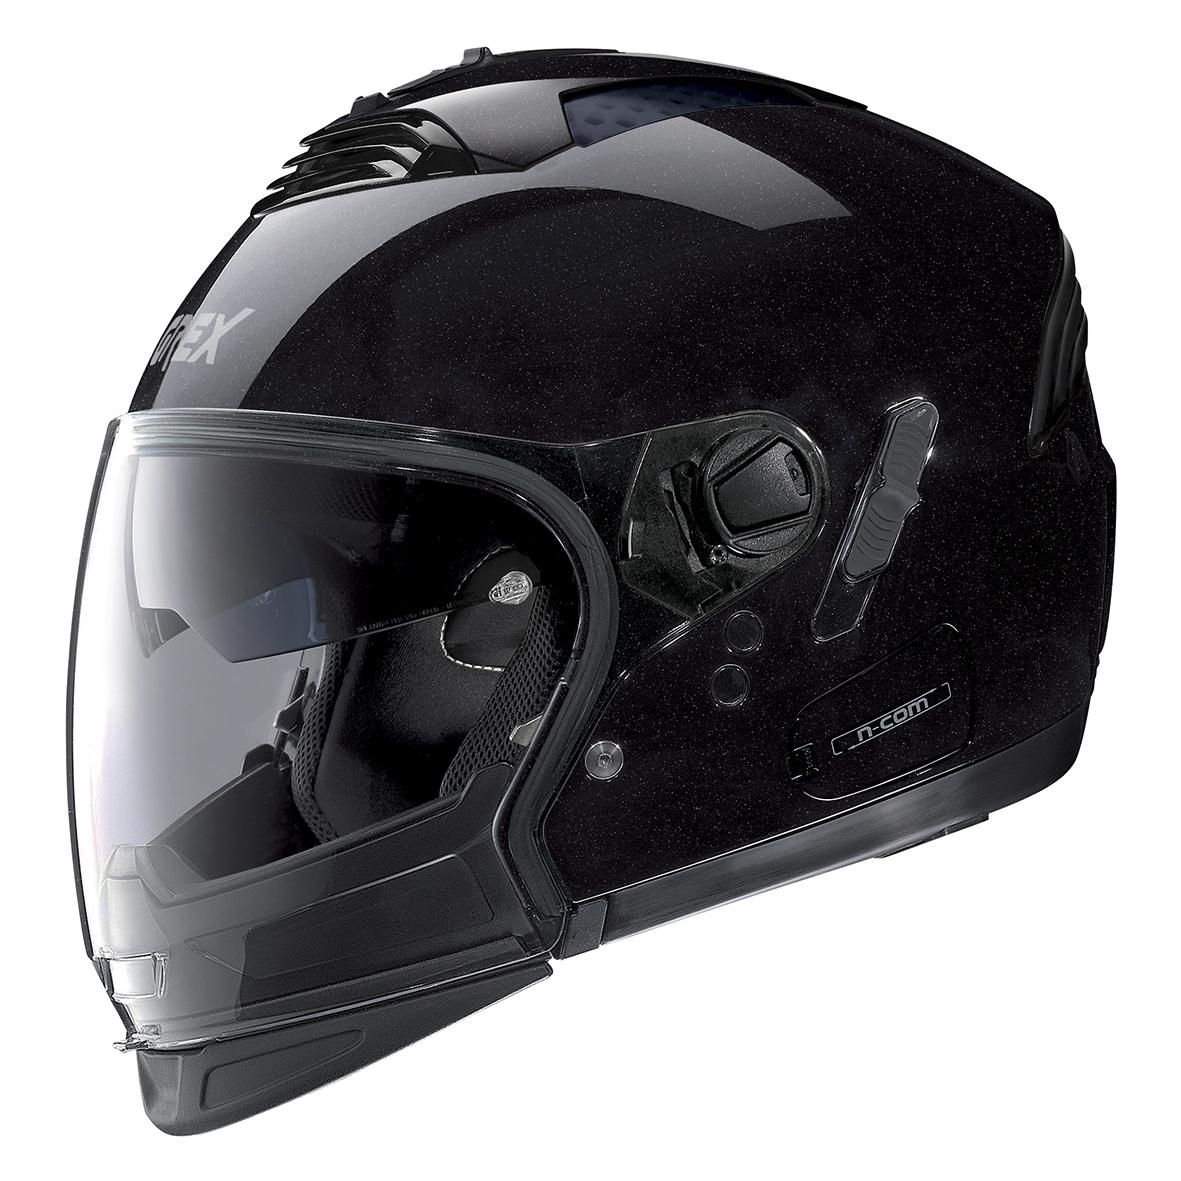 Moto helma Grex G4.2 PRO Kinetic N-Com Metal Black 21